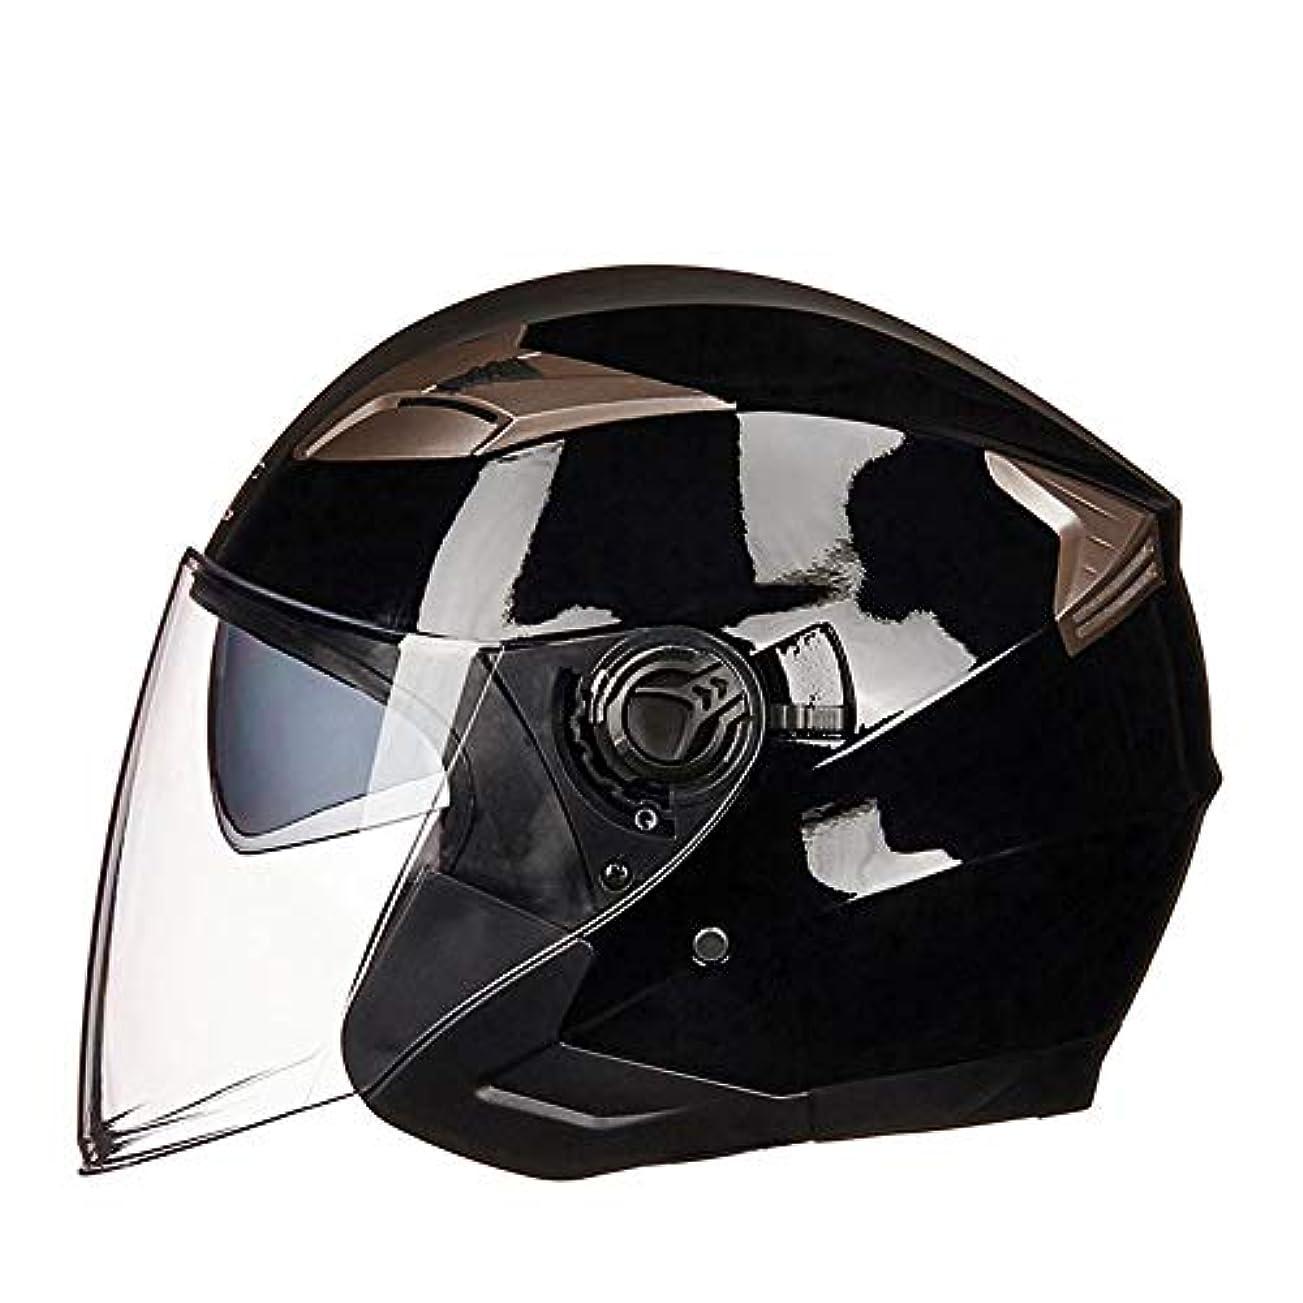 ラベ人弁護士ZXF 電動二輪車用ヘルメットバッテリー車二重レンズハーフヘルメット夏半カバーヘルメット四季個性レトロ 安全 (Size : L)